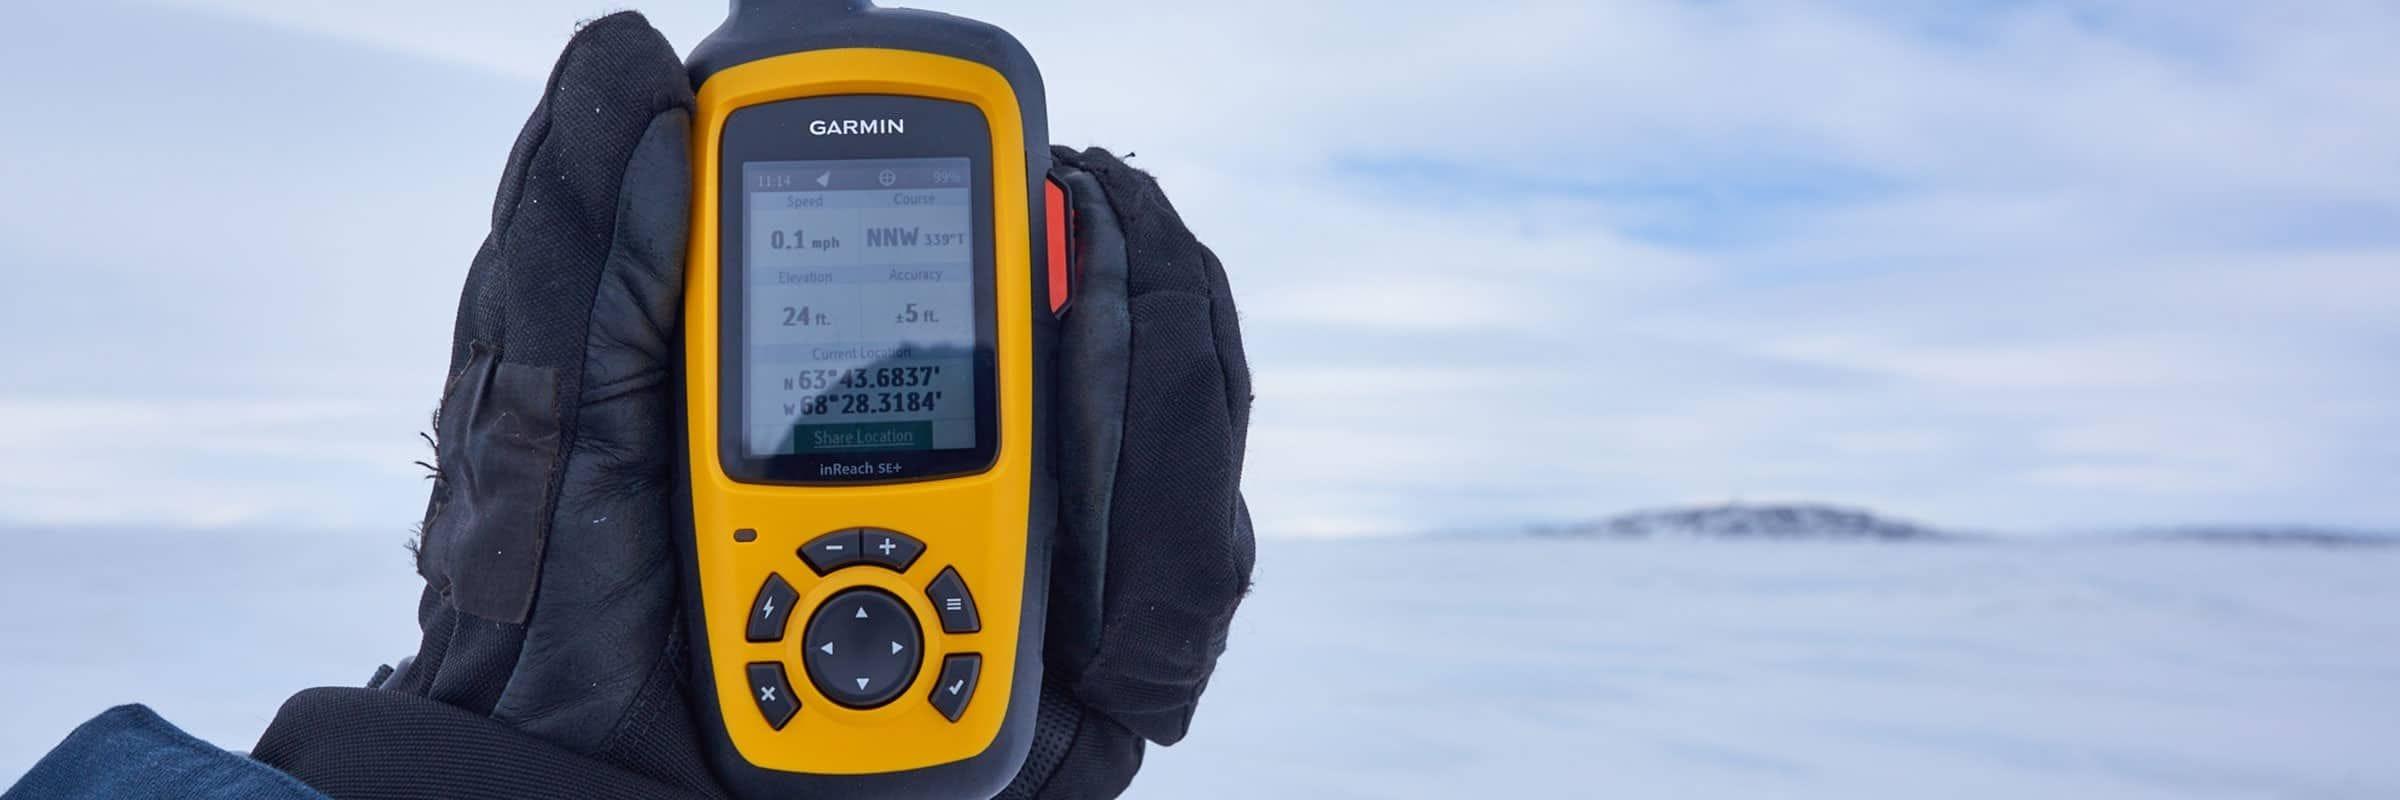 Testing the Garmin InReach SE + Satellite Communicator in Remote Nunavut